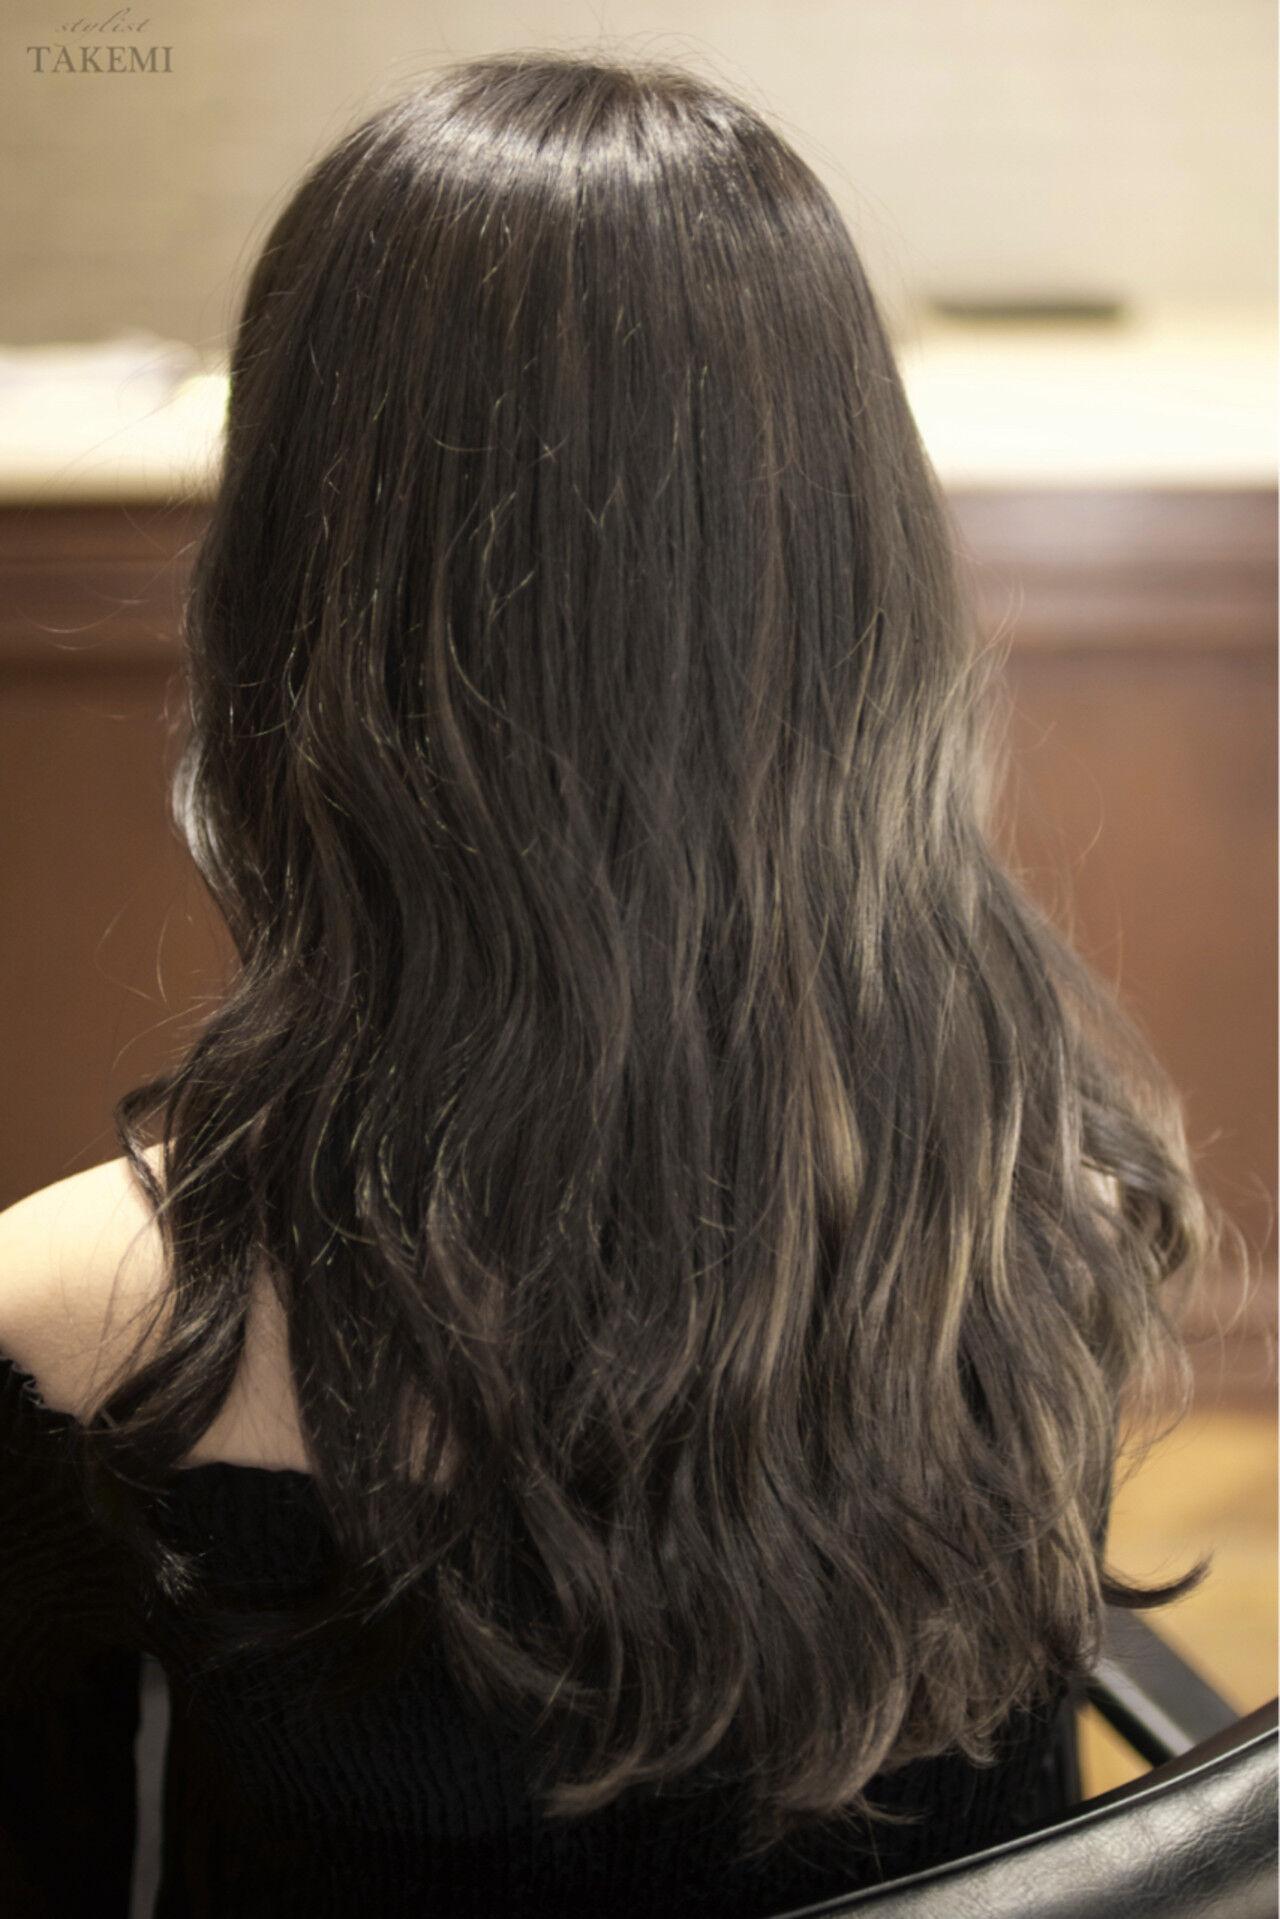 バレイヤージュ 外国人風 セミロング ハイライトヘアスタイルや髪型の写真・画像